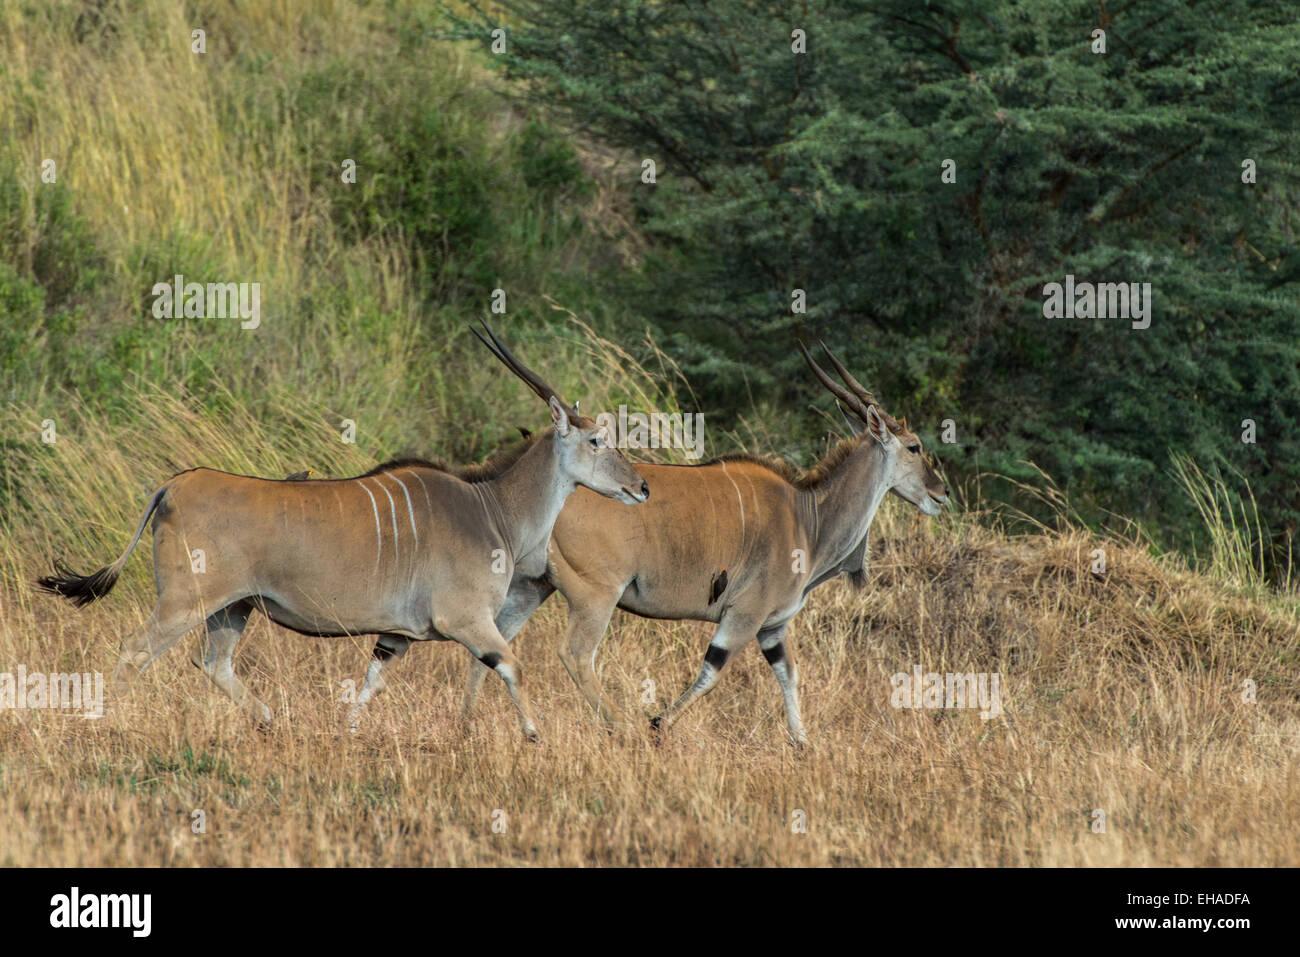 Serengeti NP, Eland - Stock Image